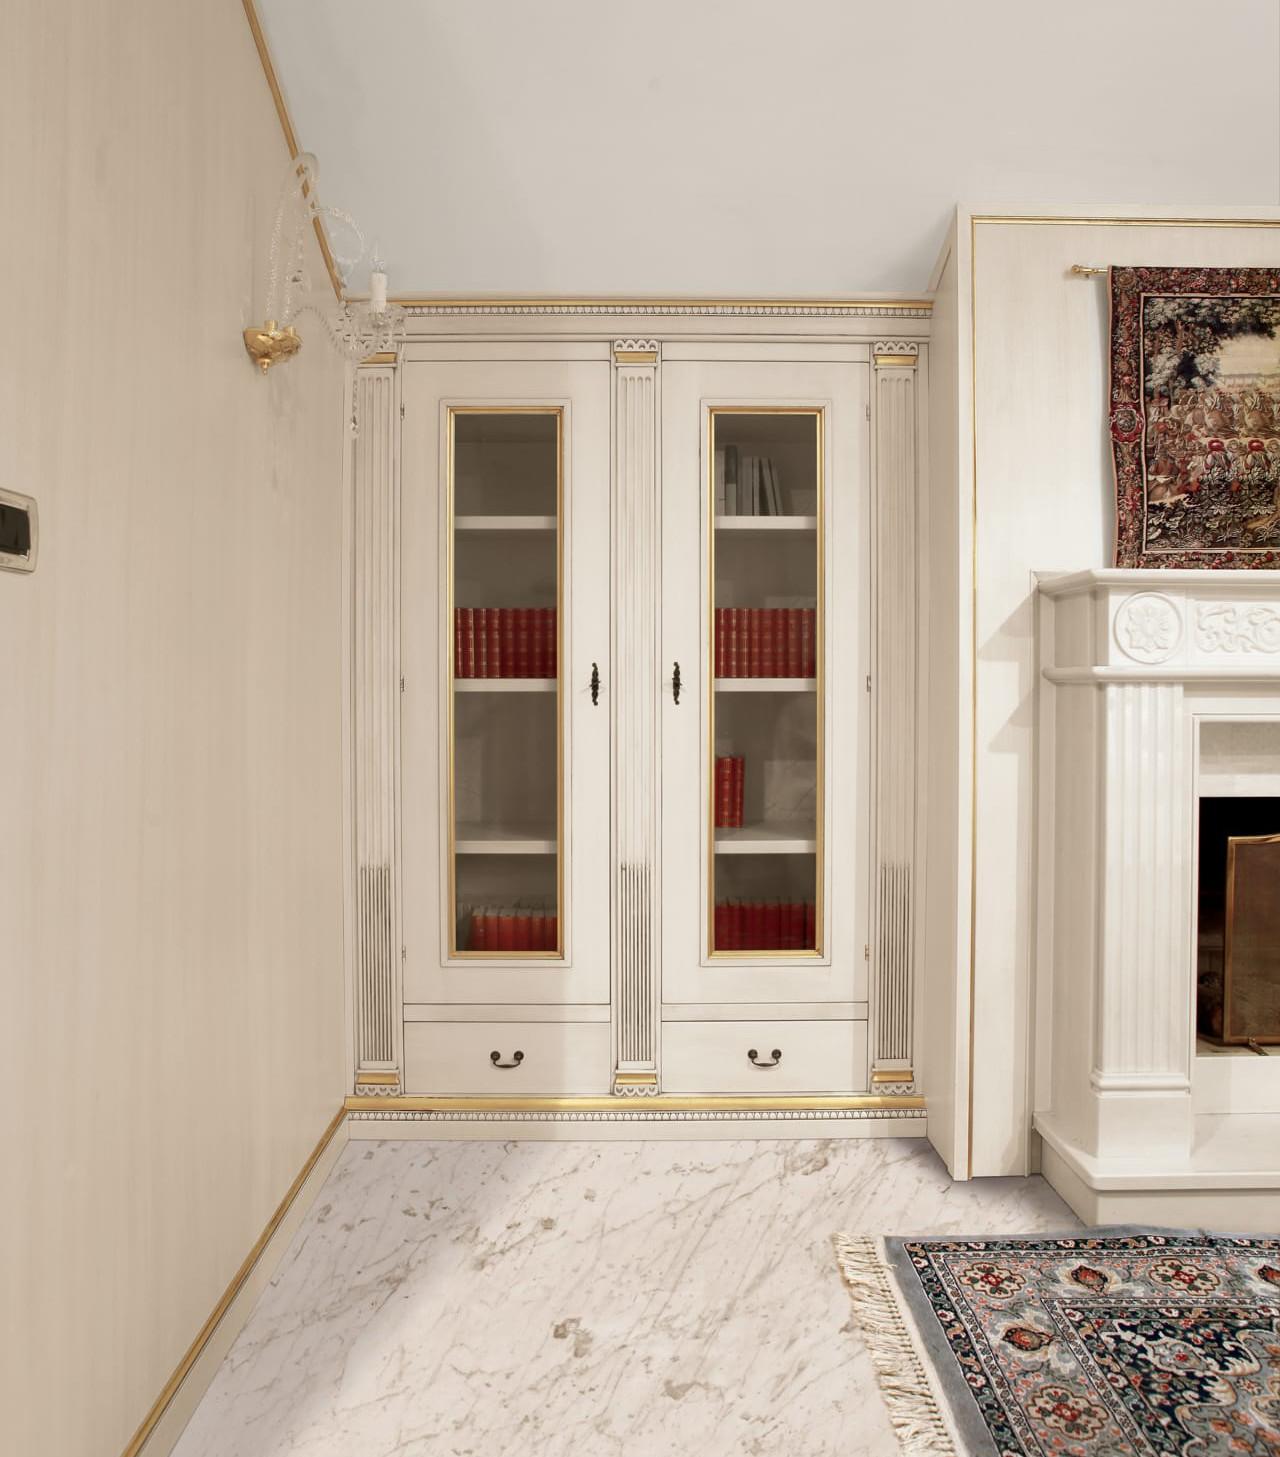 Progetti d'elite - Gallery Right 2